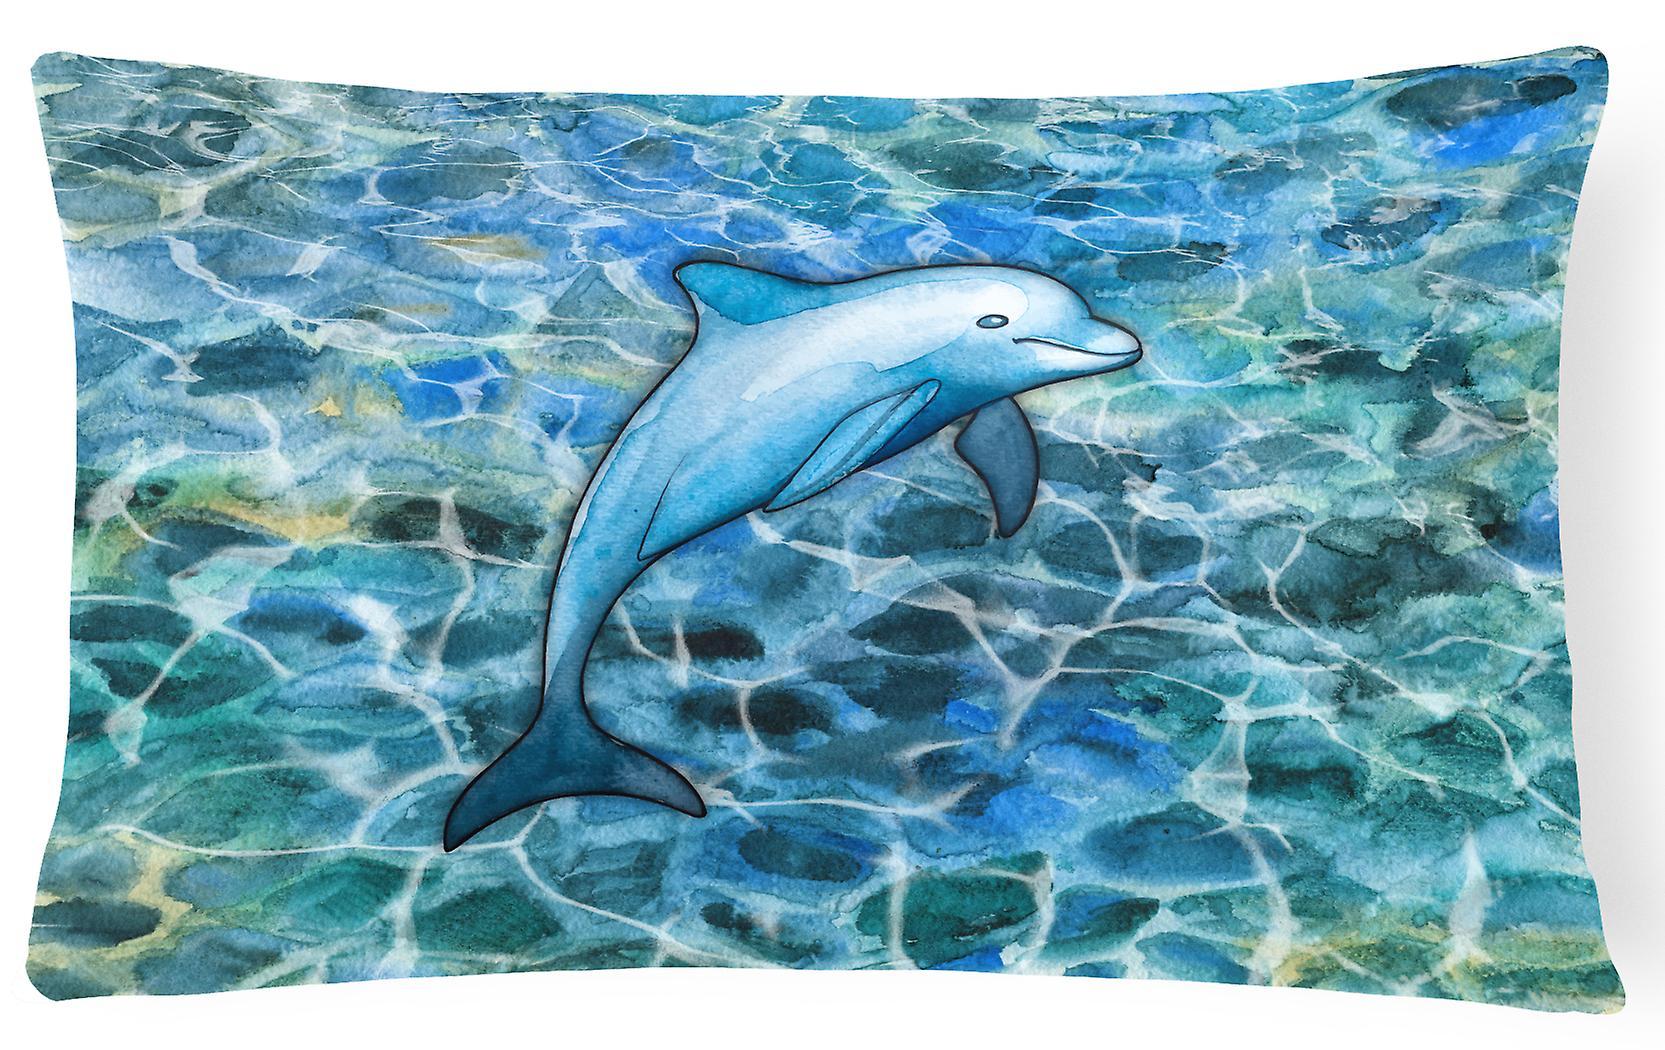 Toile Tissu Dolphin Oreiller Carolines Décoratif Trésors Des Bb5356pw1216 NP8wO0kXn